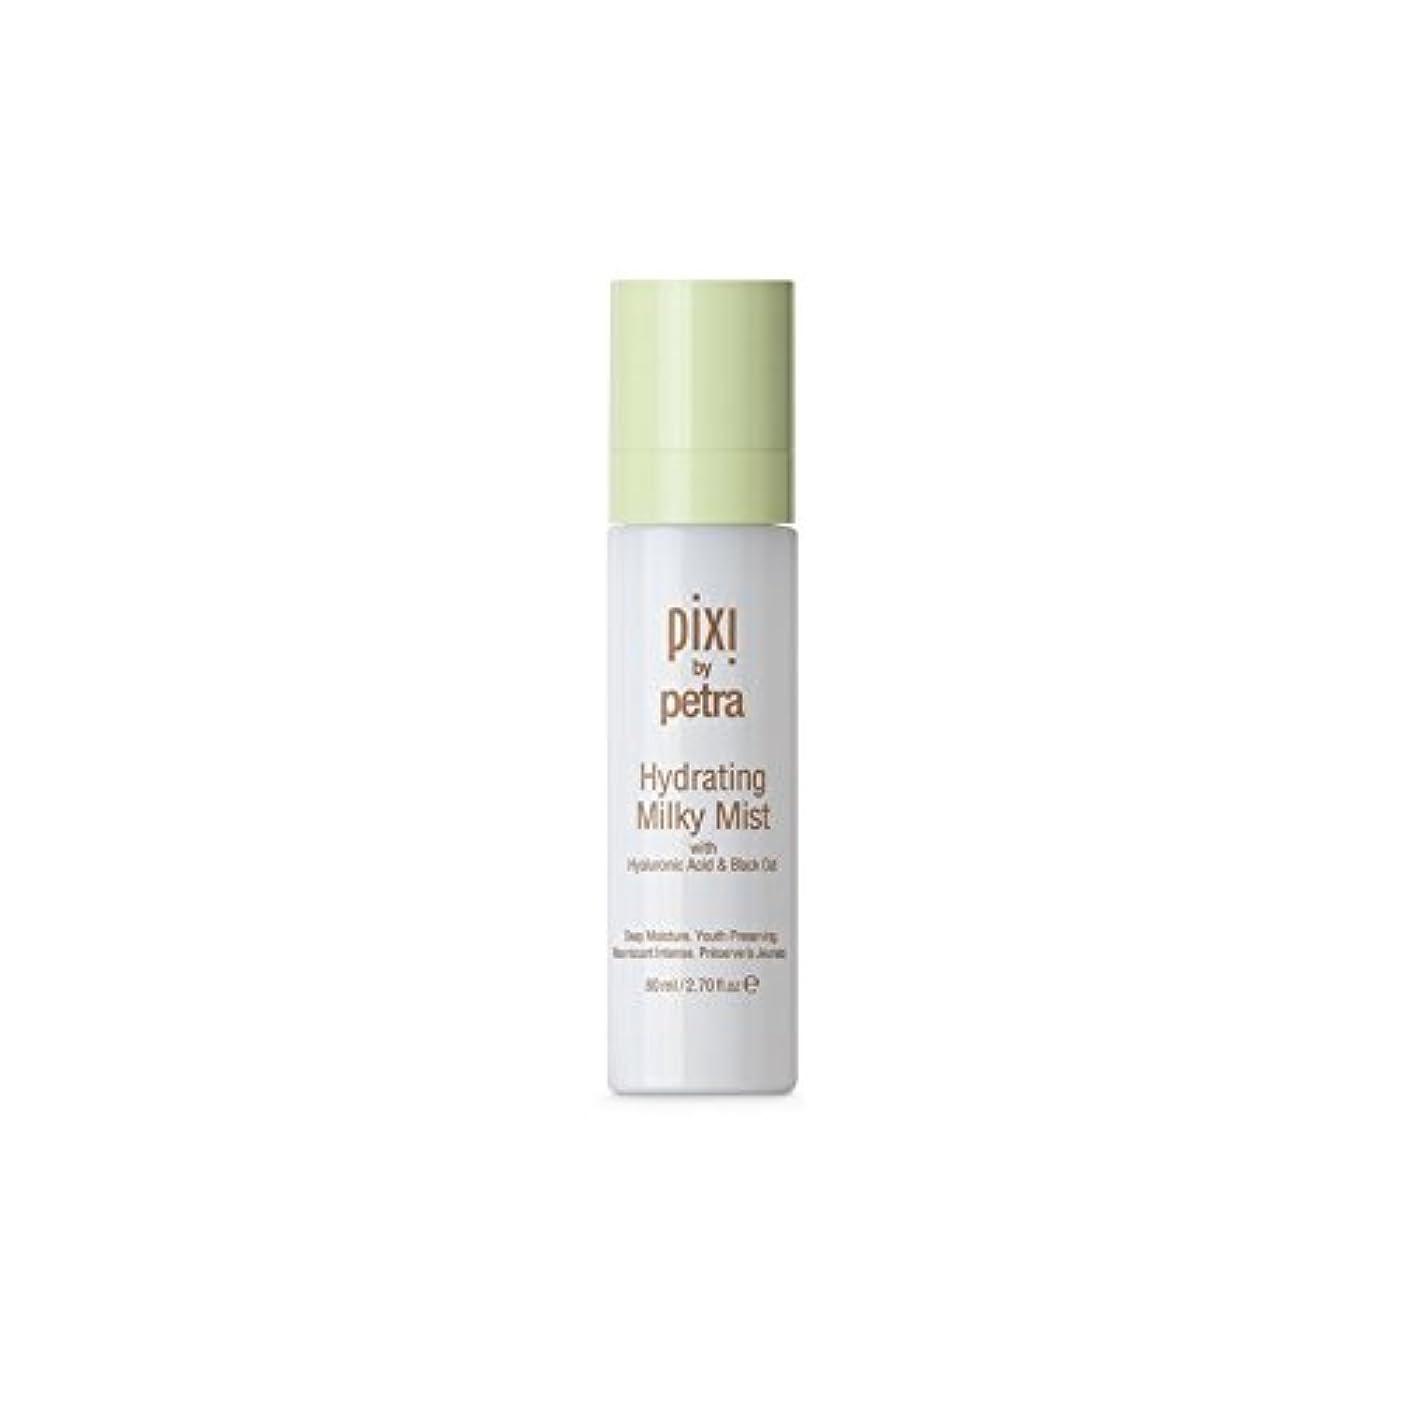 ナット考案する膿瘍乳白色の霧を水和 x4 - Pixi Hydrating Milky Mist (Pack of 4) [並行輸入品]